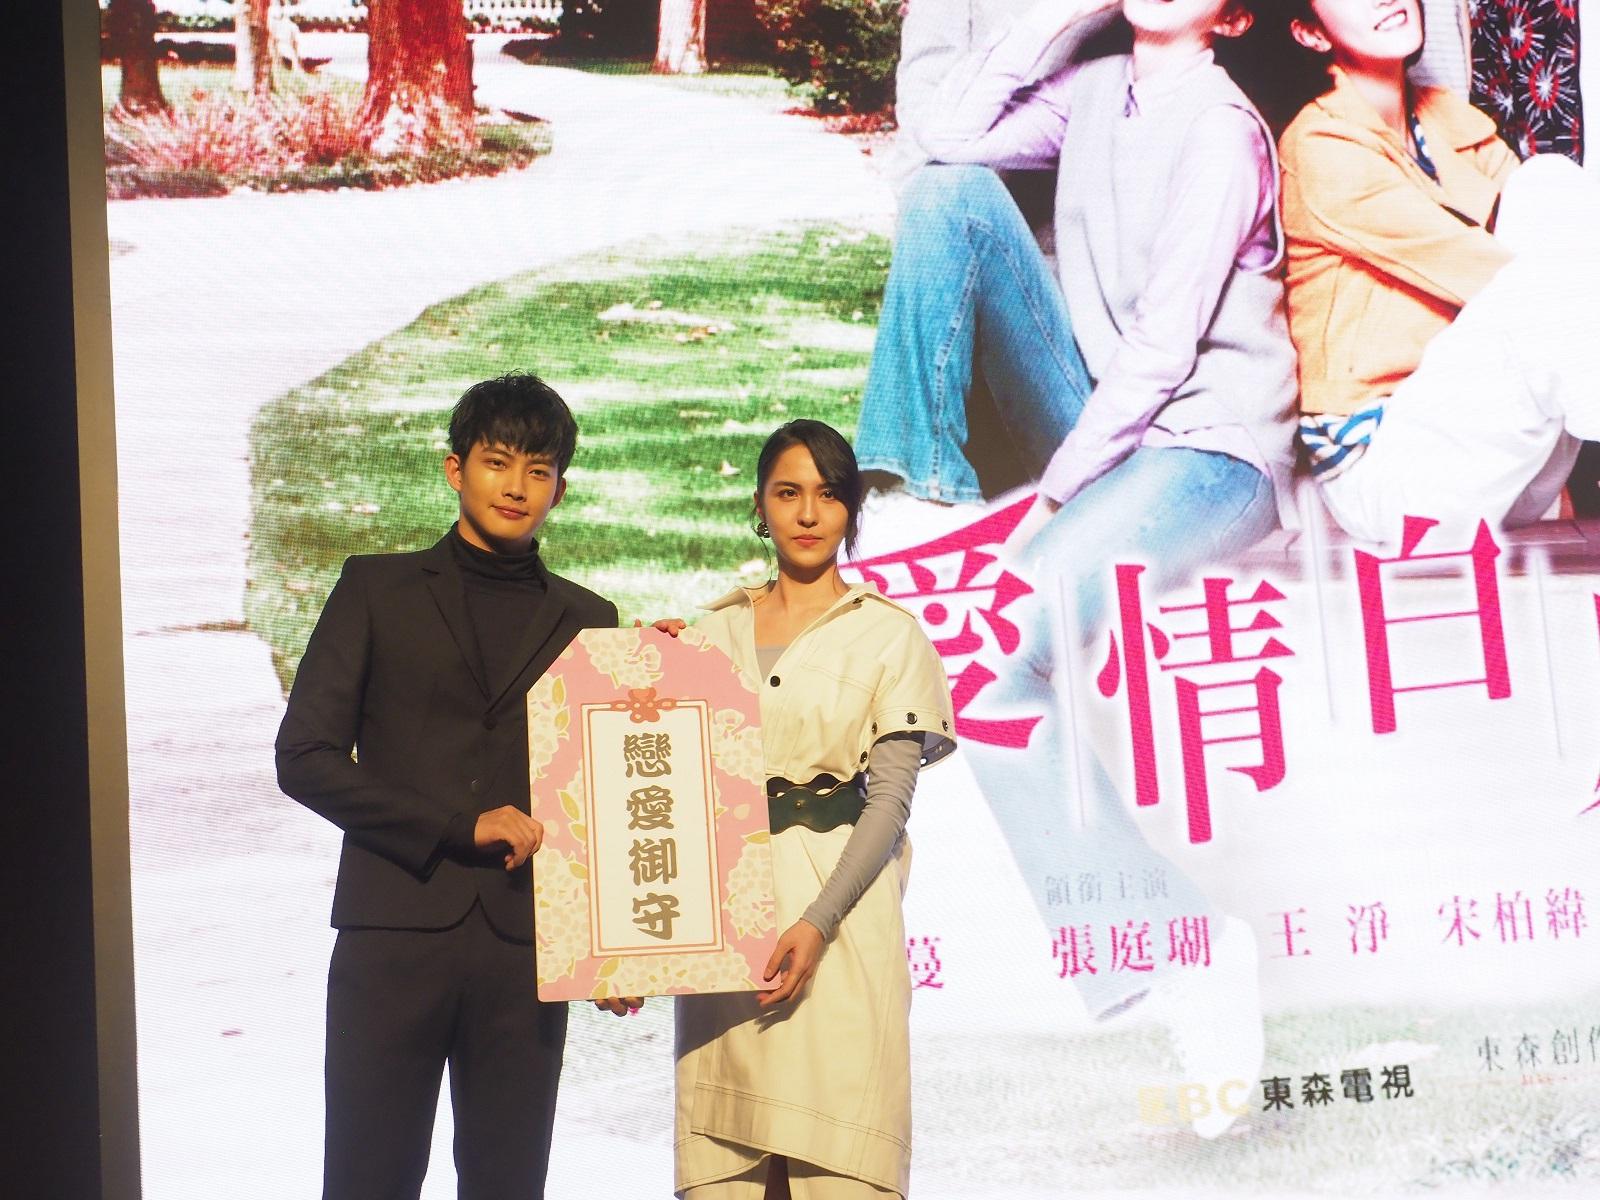 台灣電視作品《愛情白皮書》演員:張庭瑚(左起)、魏蔓-縮小.jpg